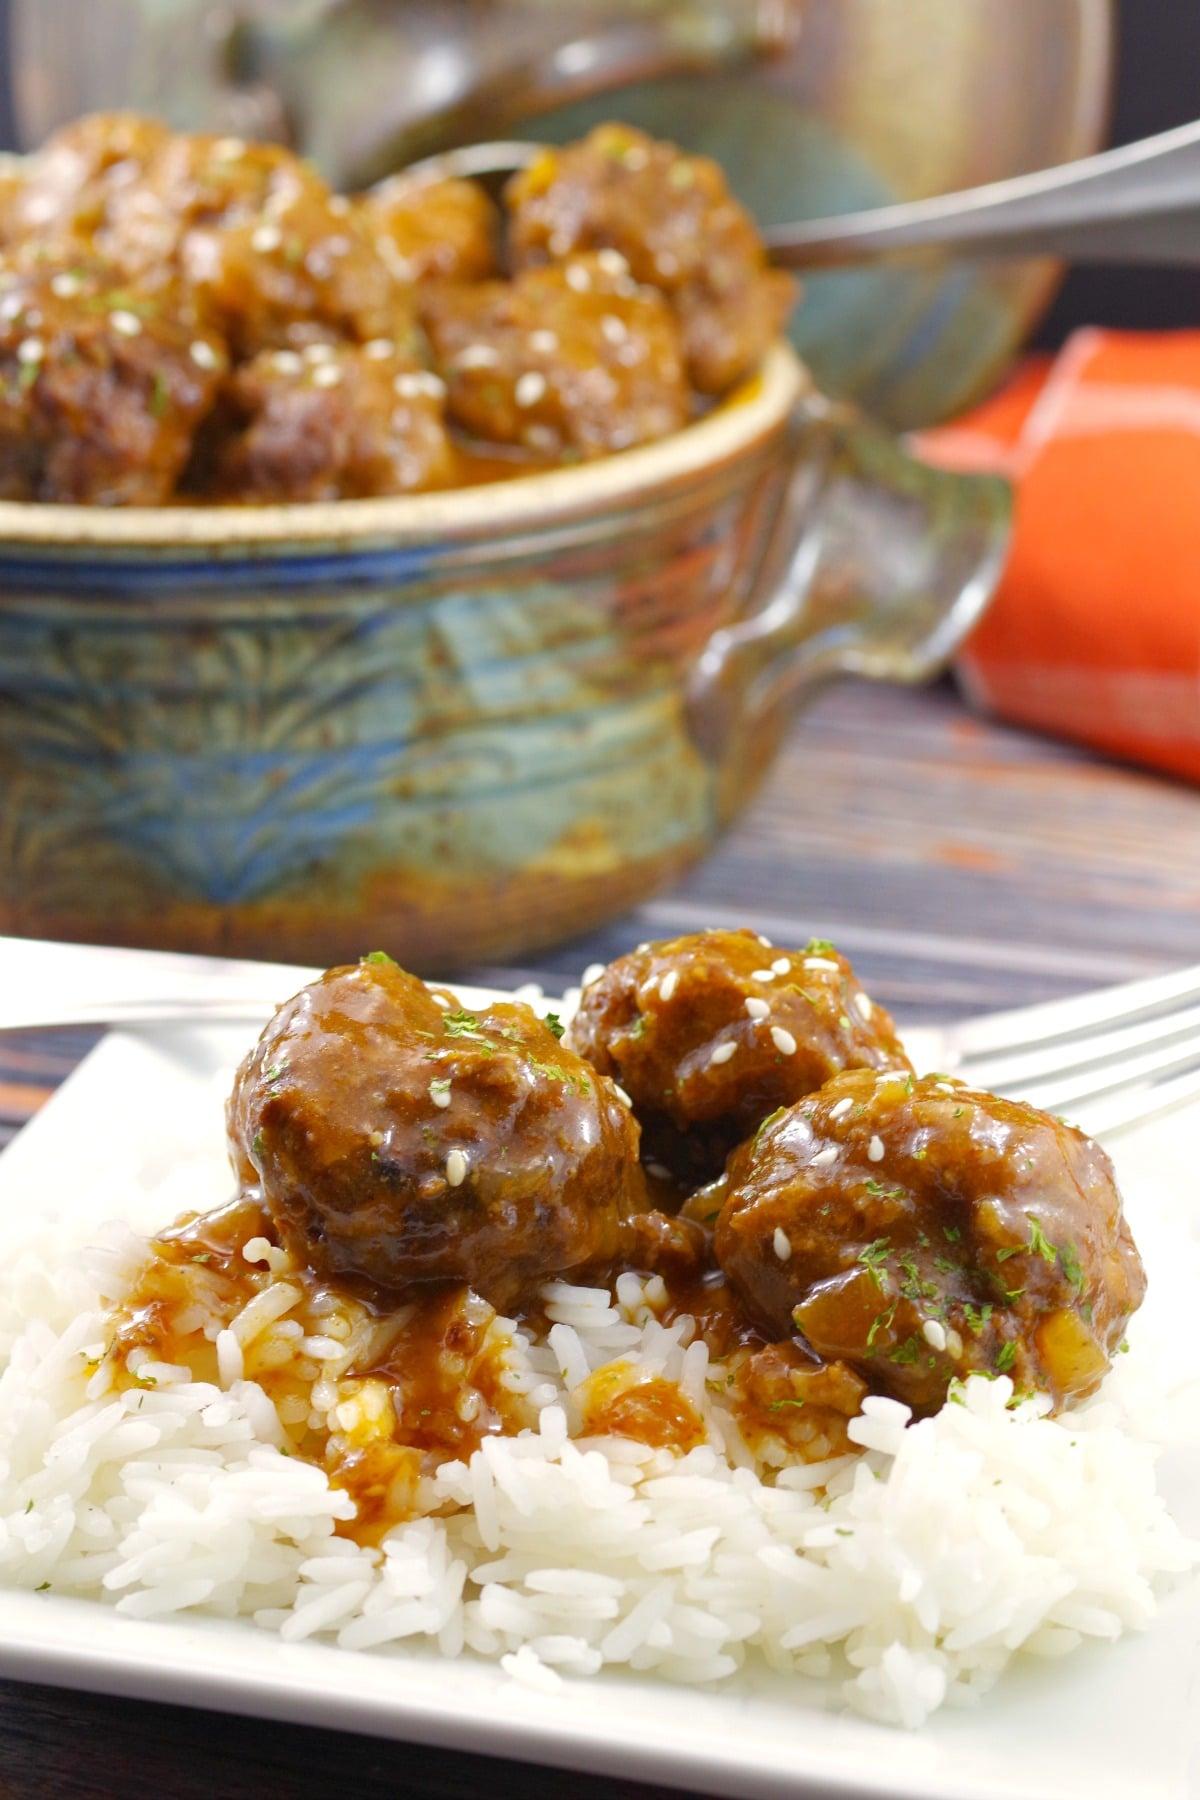 Sweet & Sour Slow Cooker Meatballs | #slowcooker #meatballs #sweetandsour